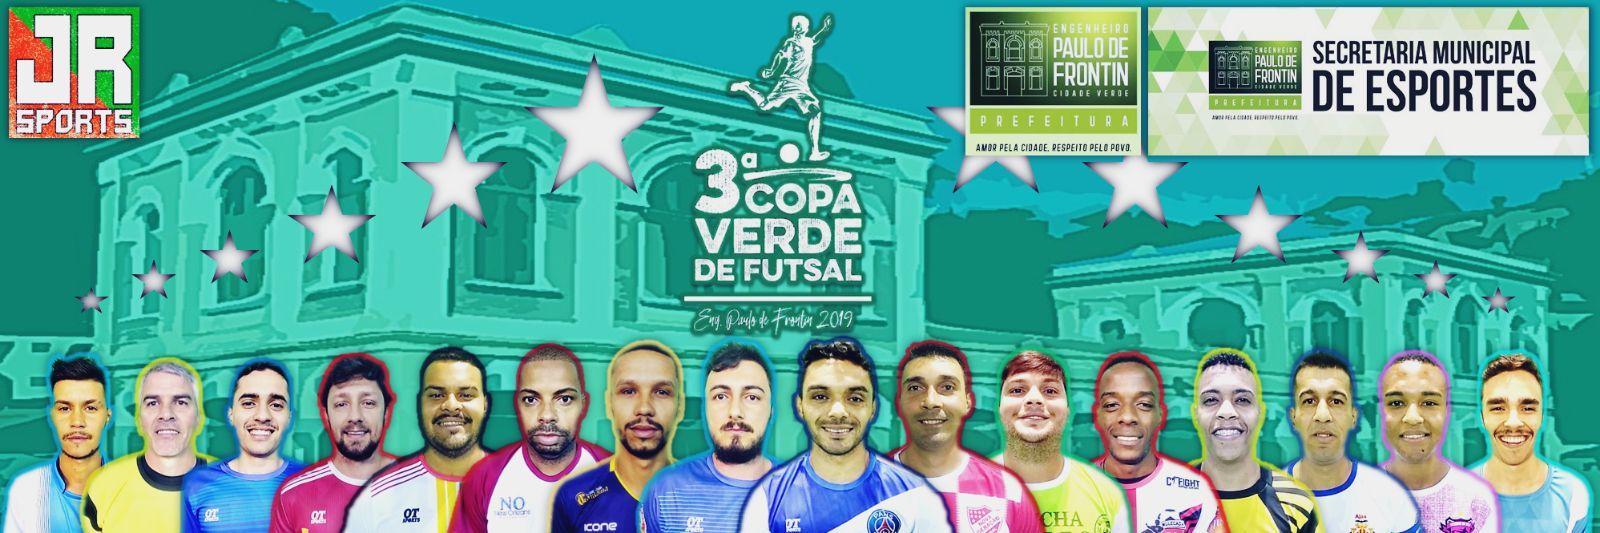 Copa Verde de Futsal 2019